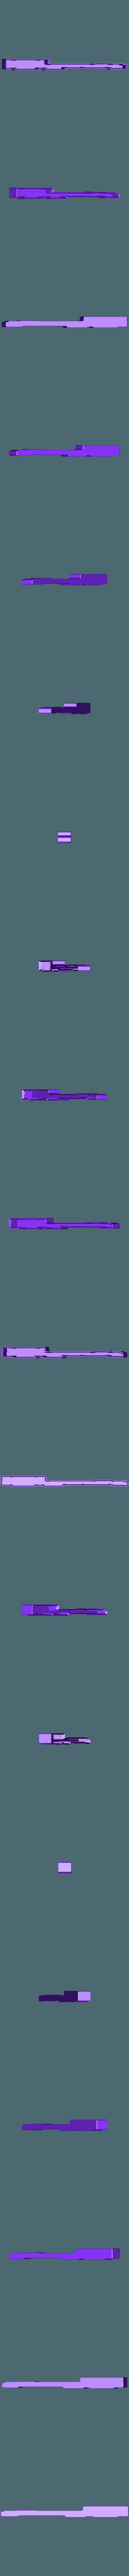 MakitaGuideRailCapLeft.stl Télécharger fichier STL gratuit Couverture de protection contre les éclats de rail du guide Makita • Design pour imprimante 3D, ksuszka